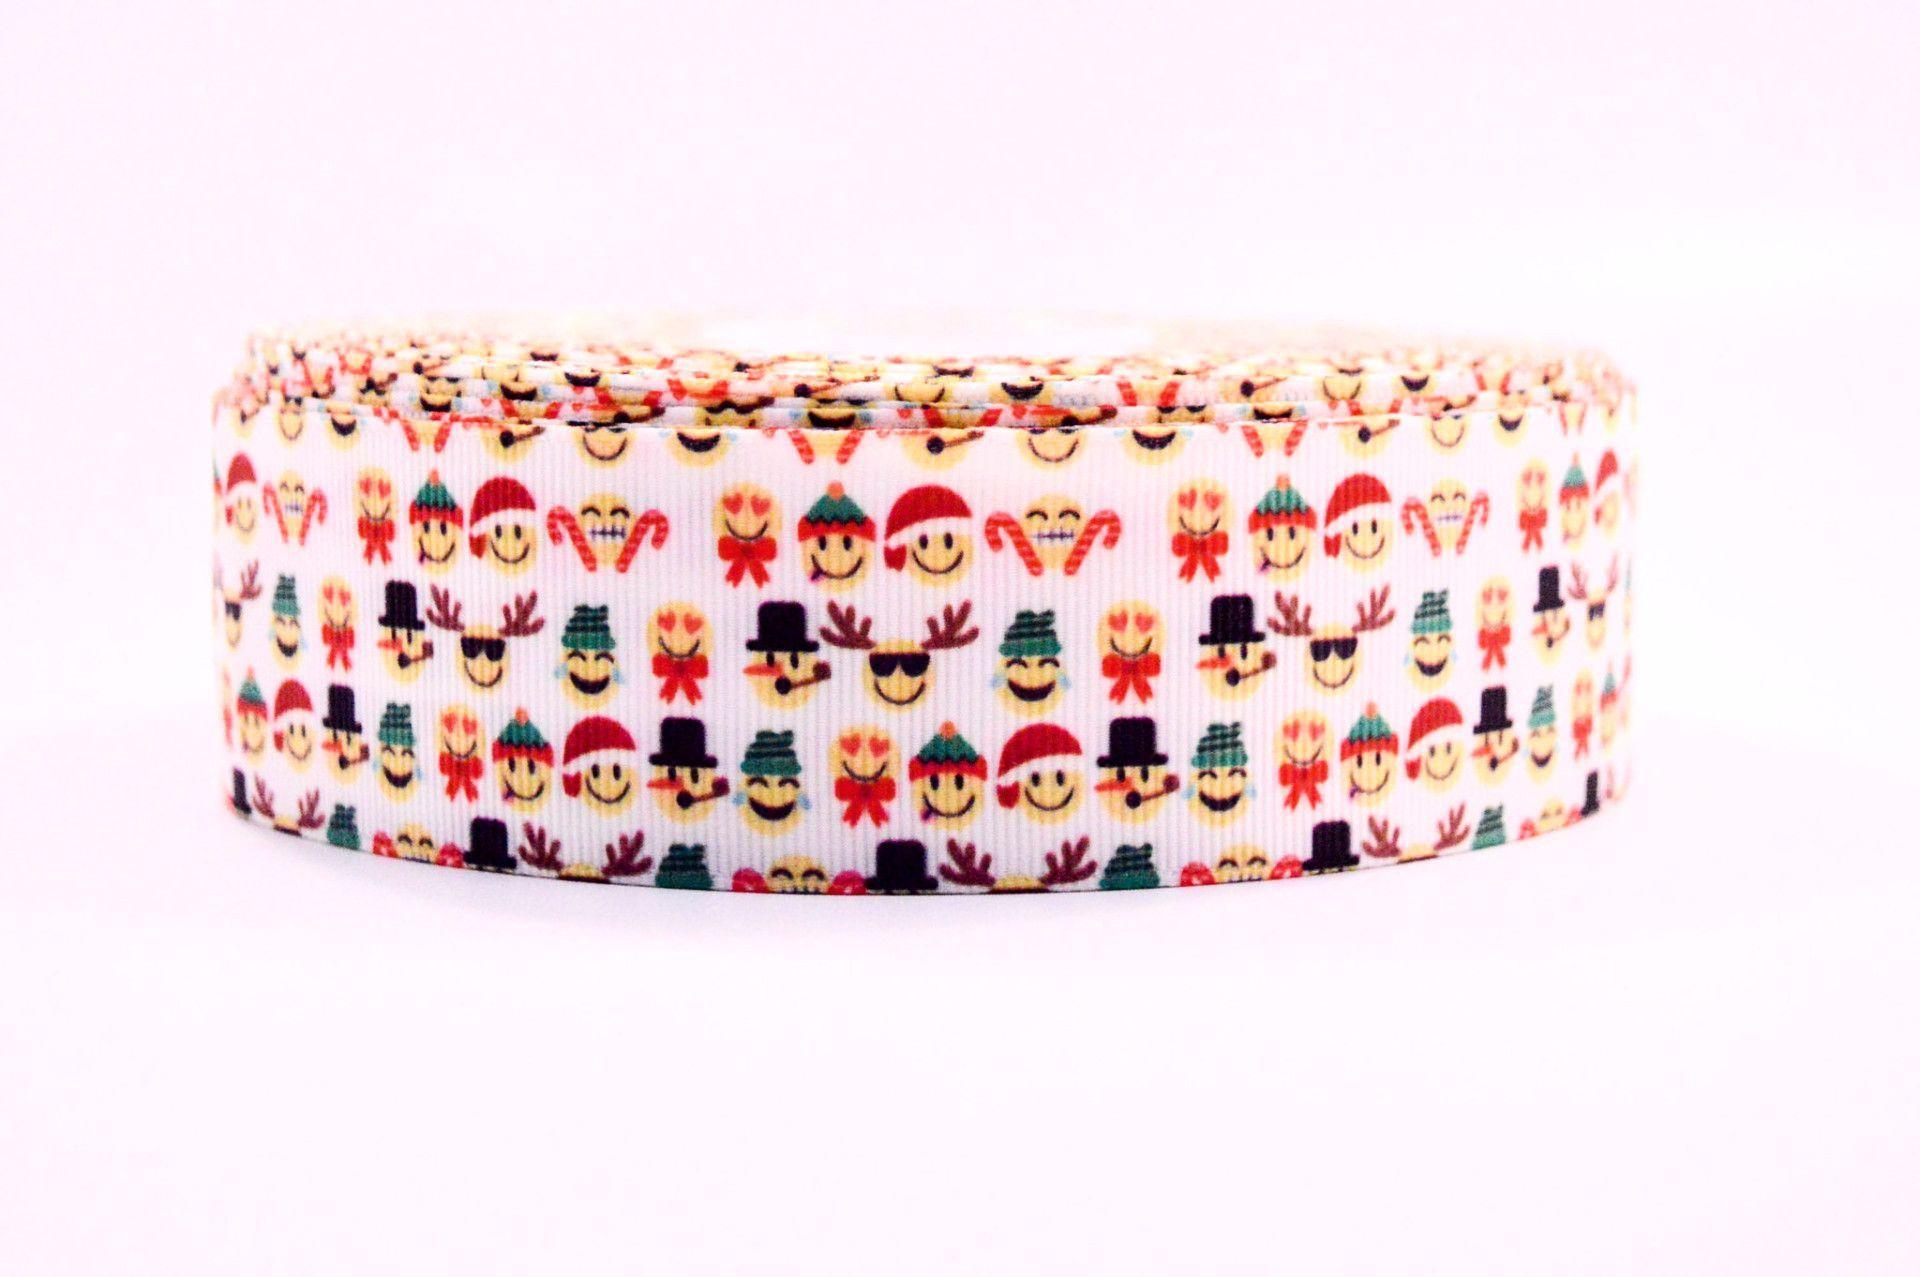 1 5 Holiday Emojis Decoration And Cheer Bow Ribbon